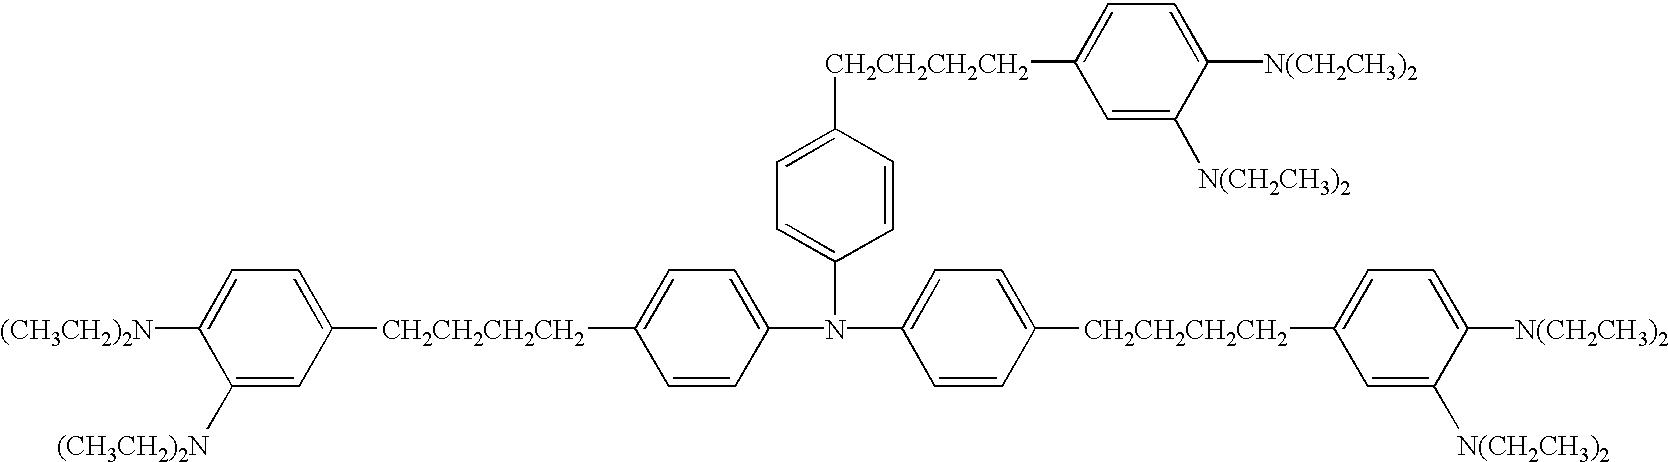 Figure US20030194627A1-20031016-C00126